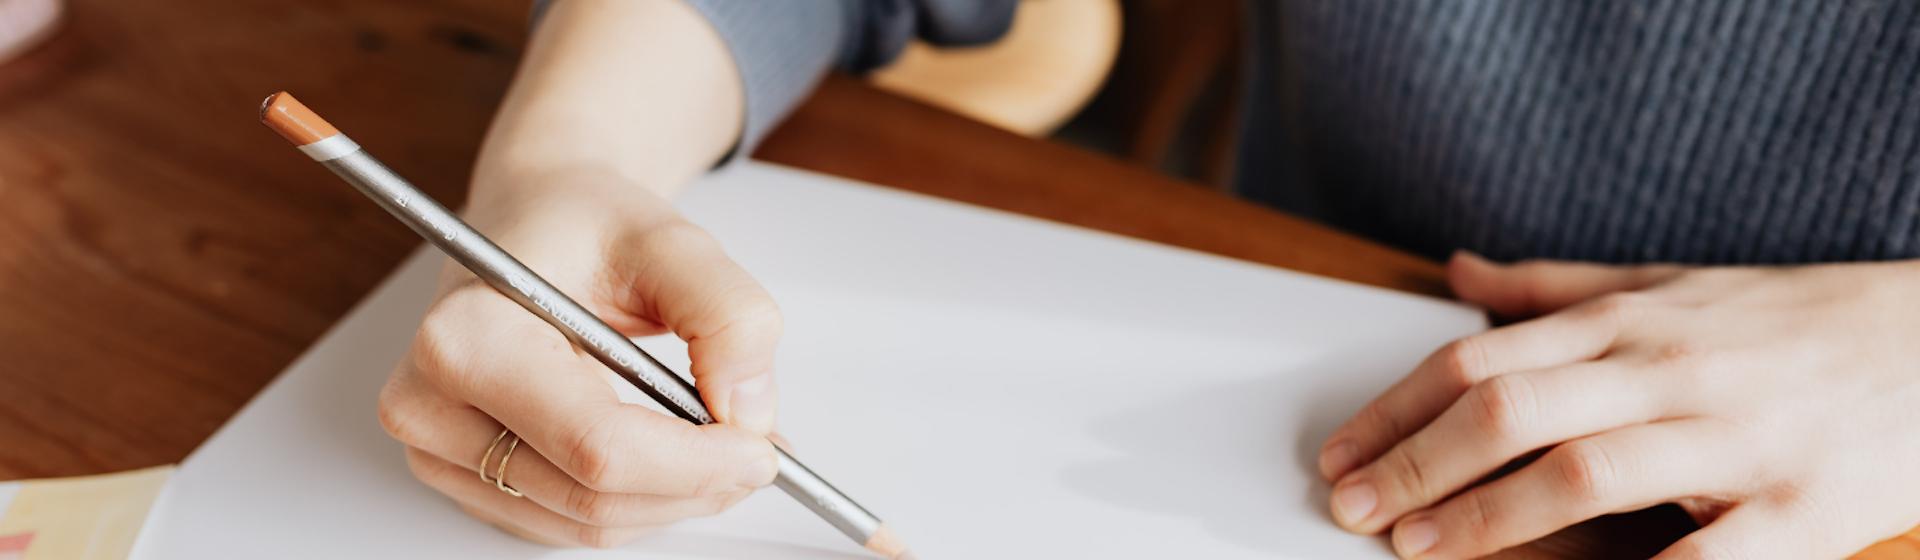 ¿Cómo hacer un diseño llamativo? 15 Consejos prácticos